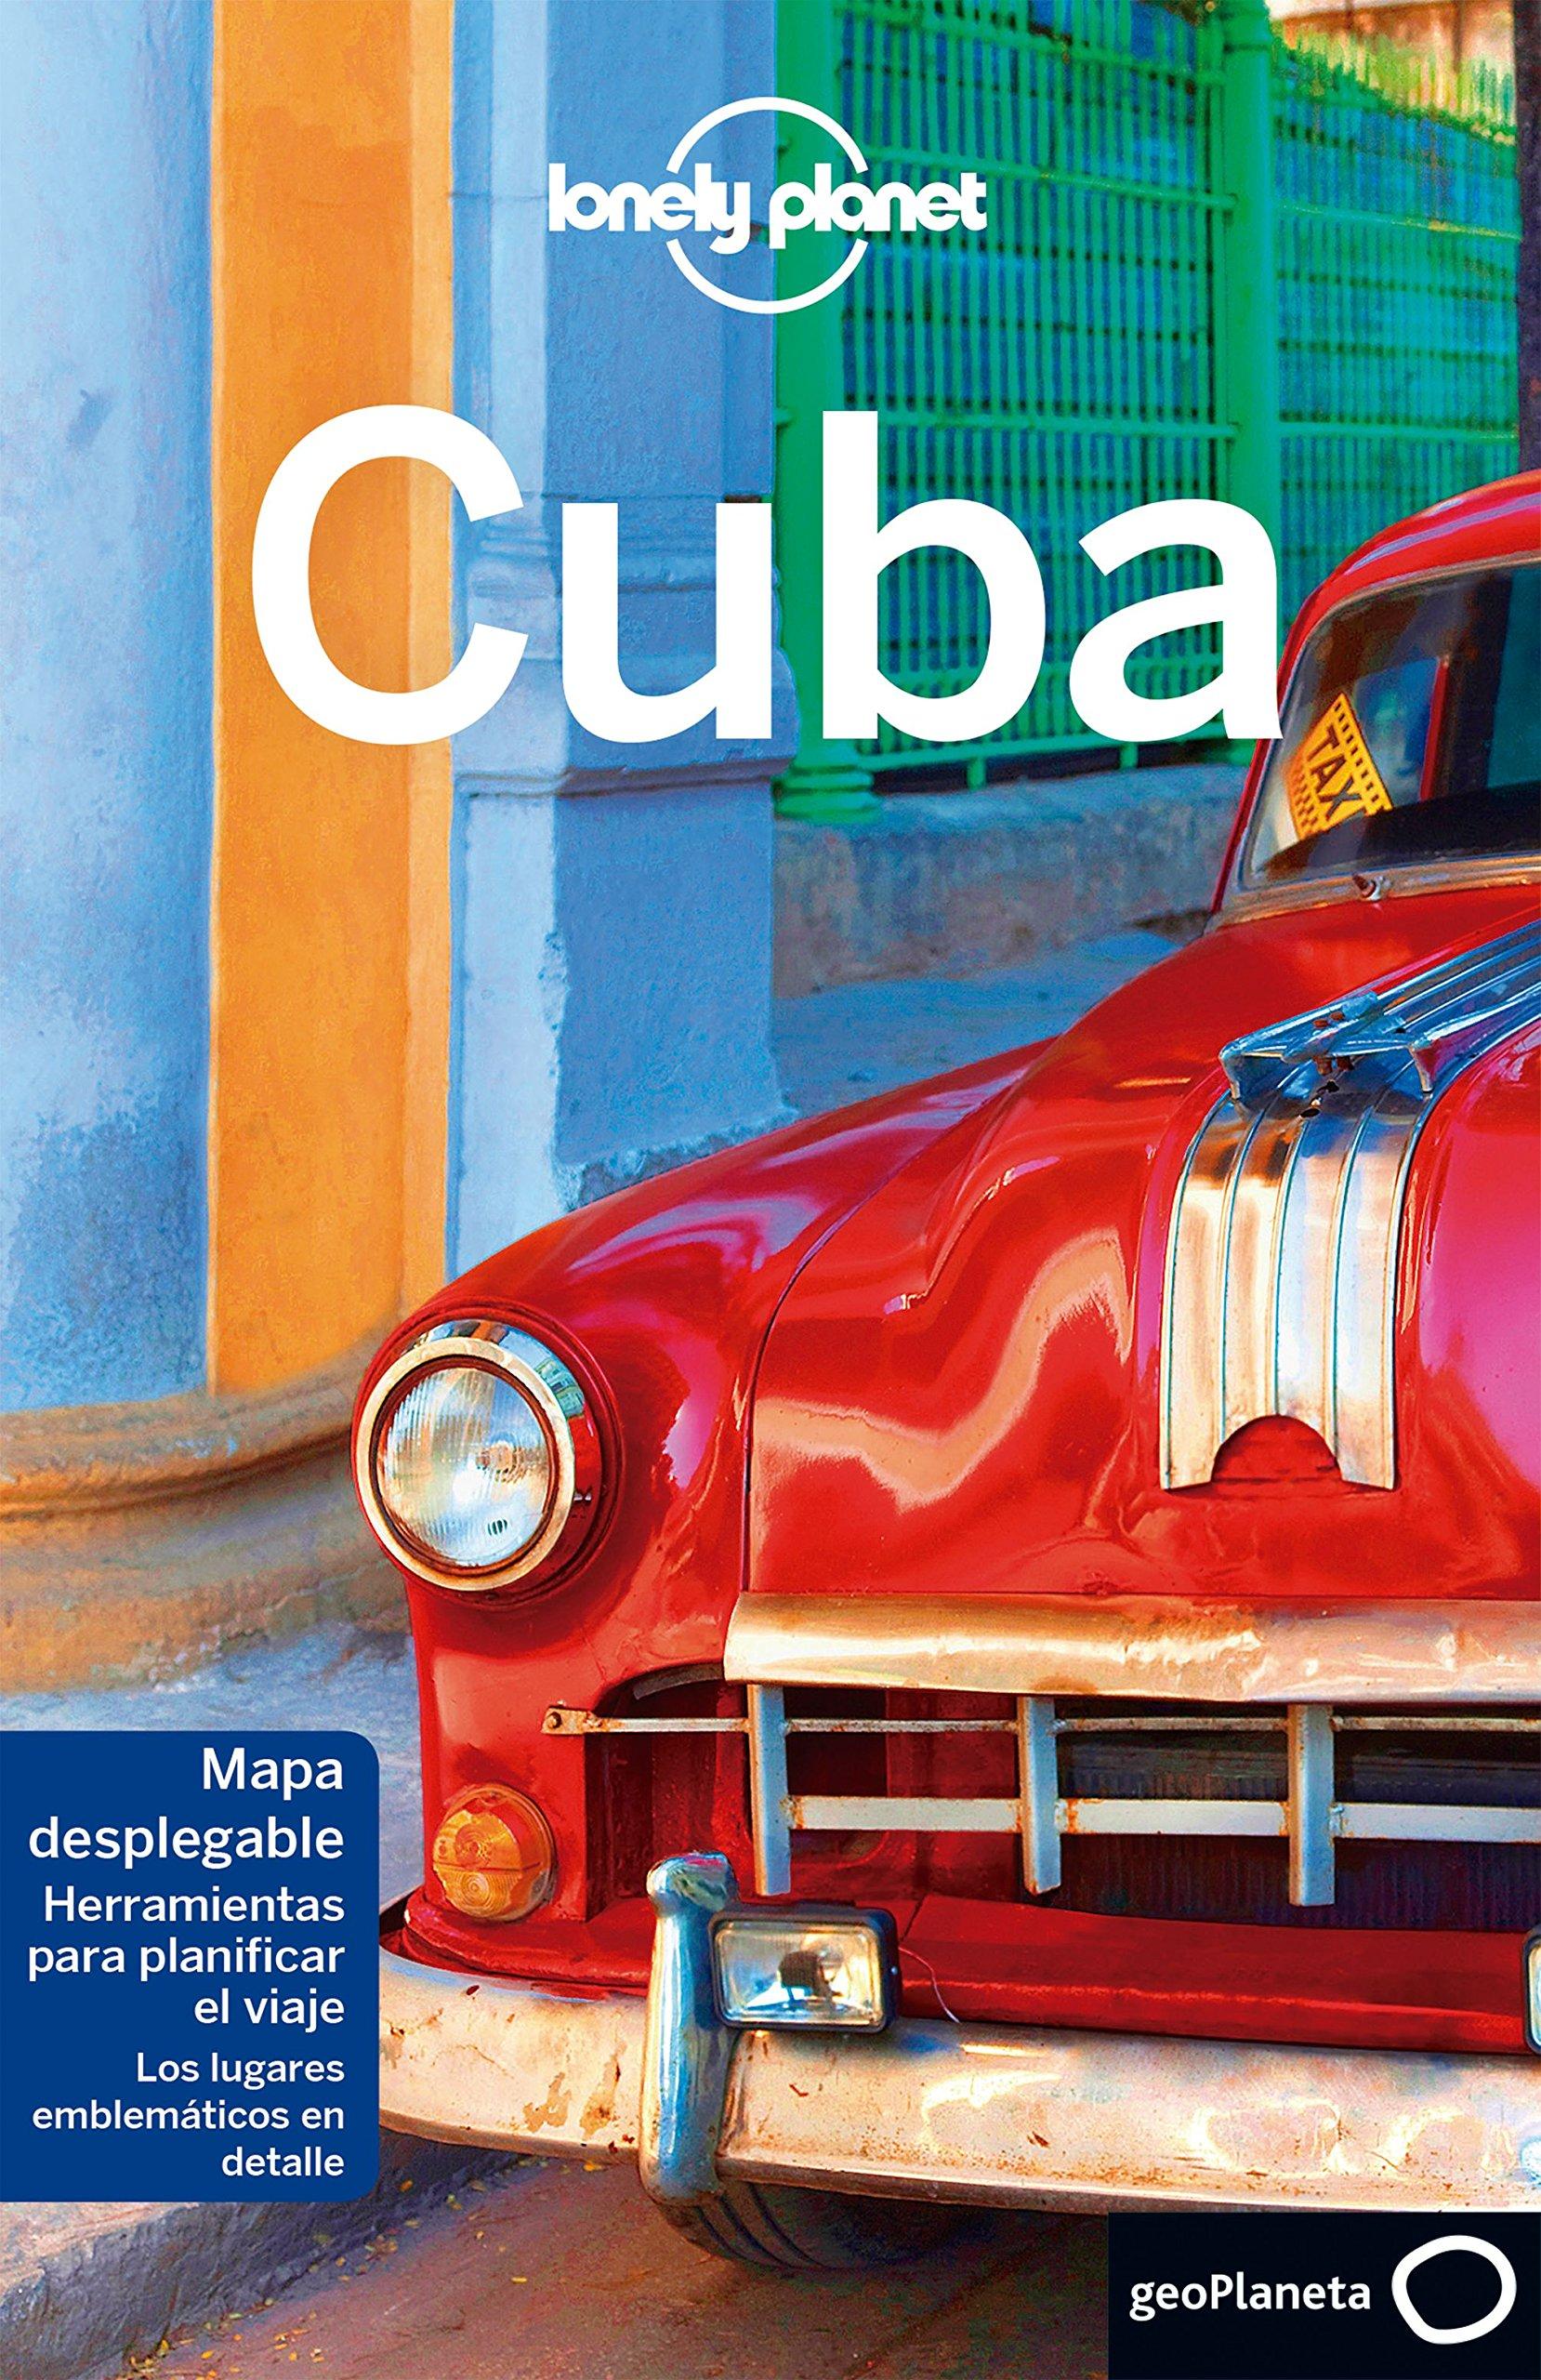 Cuba 8 (Guías de País Lonely Planet): Amazon.es: Sainsbury, Brendan, McCarthy, Carolyn, Rizzo Tortuero, Jorge, Ramírez Casas, Sergi, Moreno Parrado, Silvia: Libros